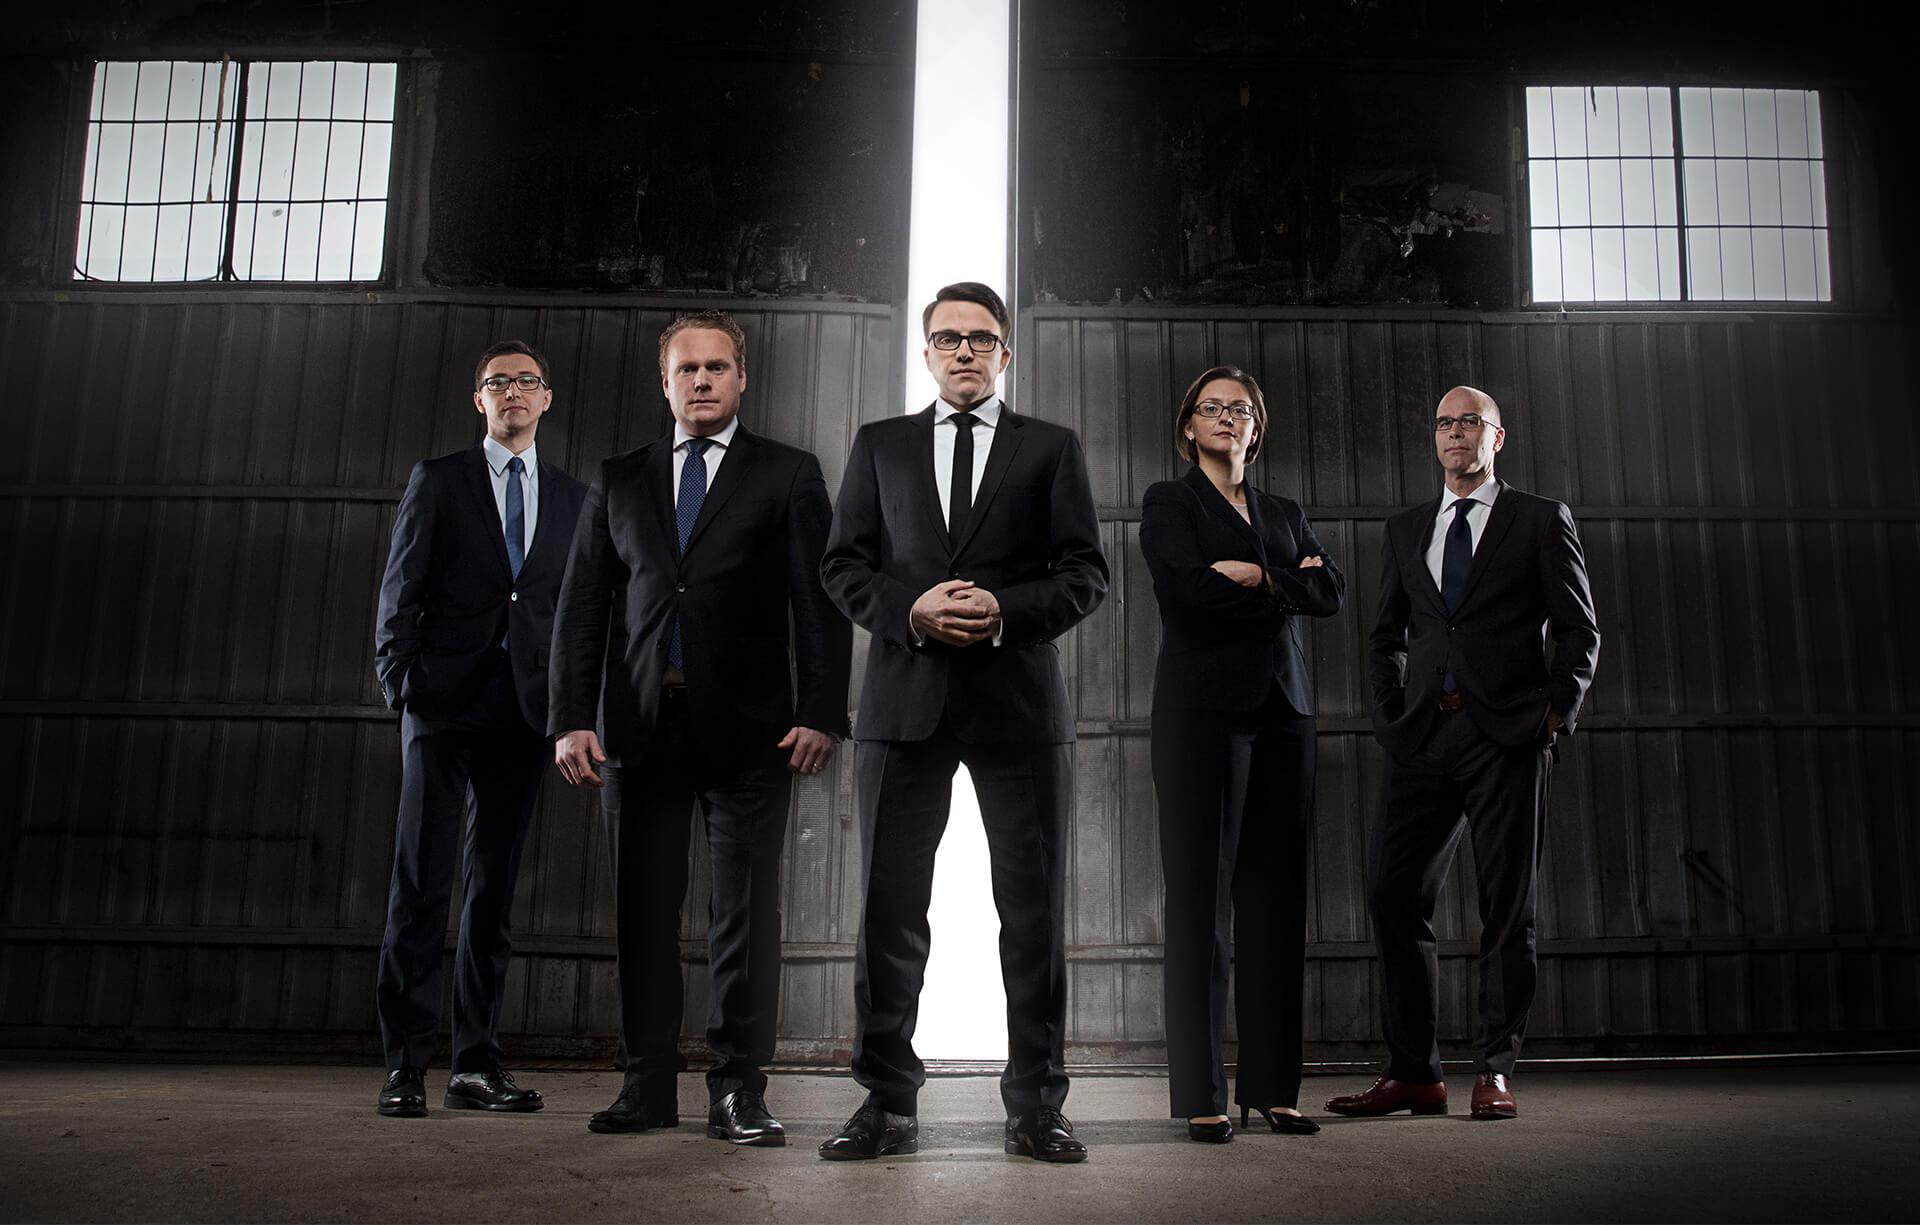 Bluedex Identität, Rechtsanwälte und Steuerberater in Frankfurt am Main